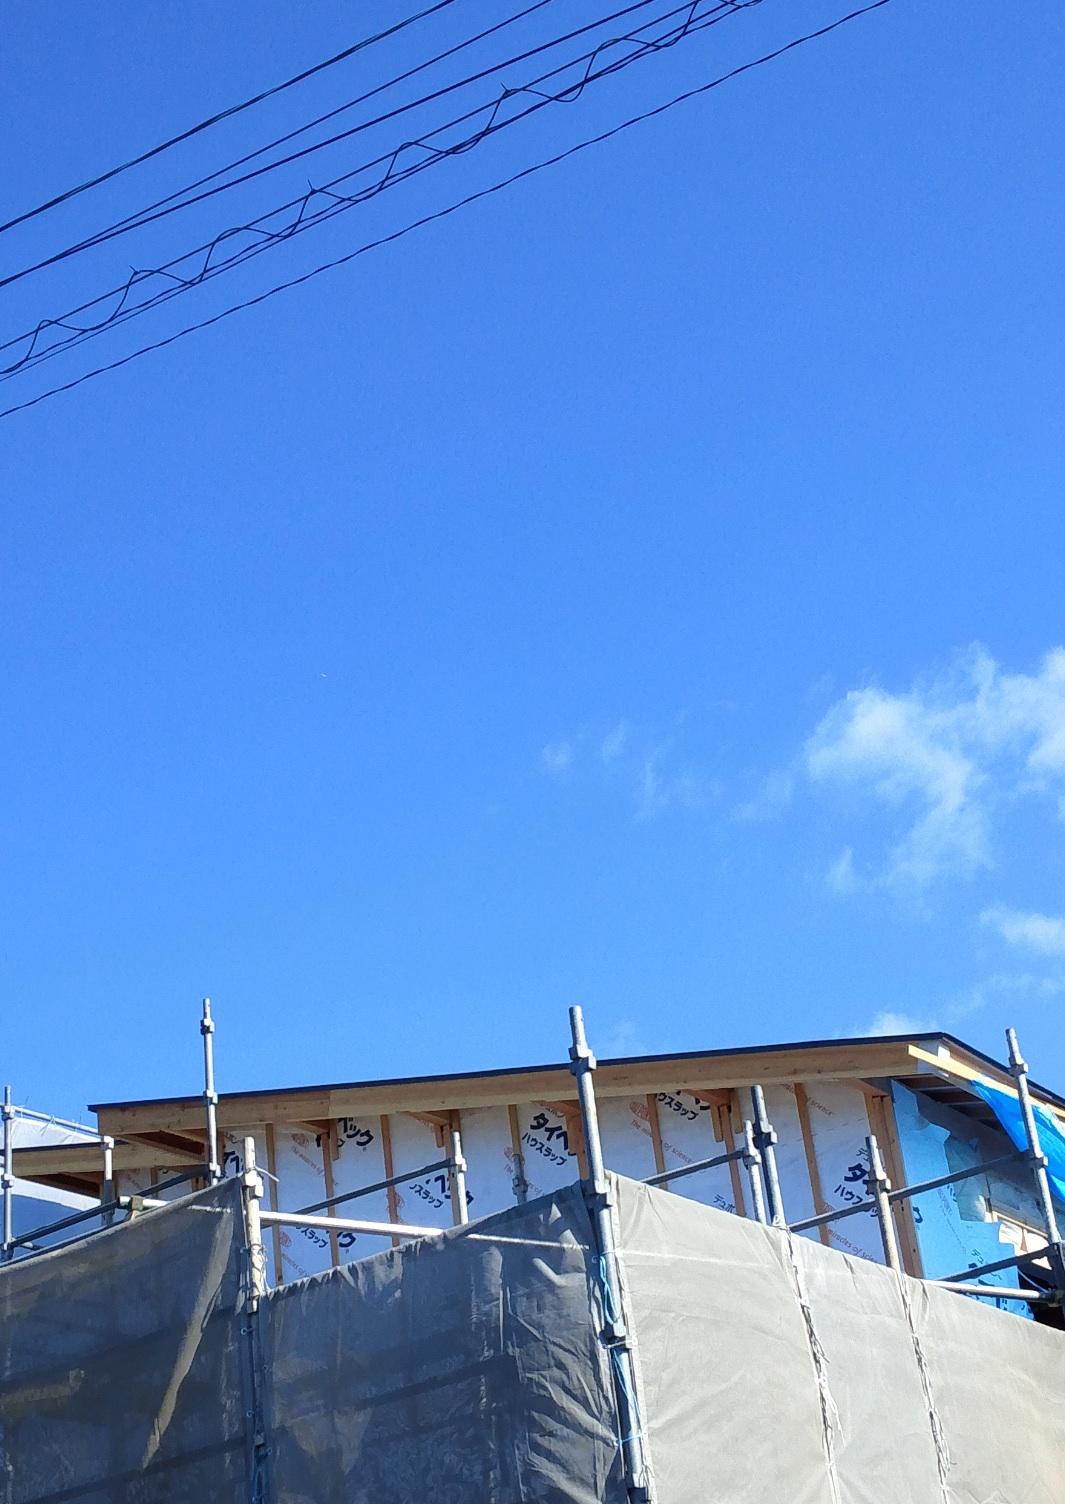 ついに我が家の上空で「銀色の葉巻型UFO」撮影に成功!?_e0171614_14122031.jpg